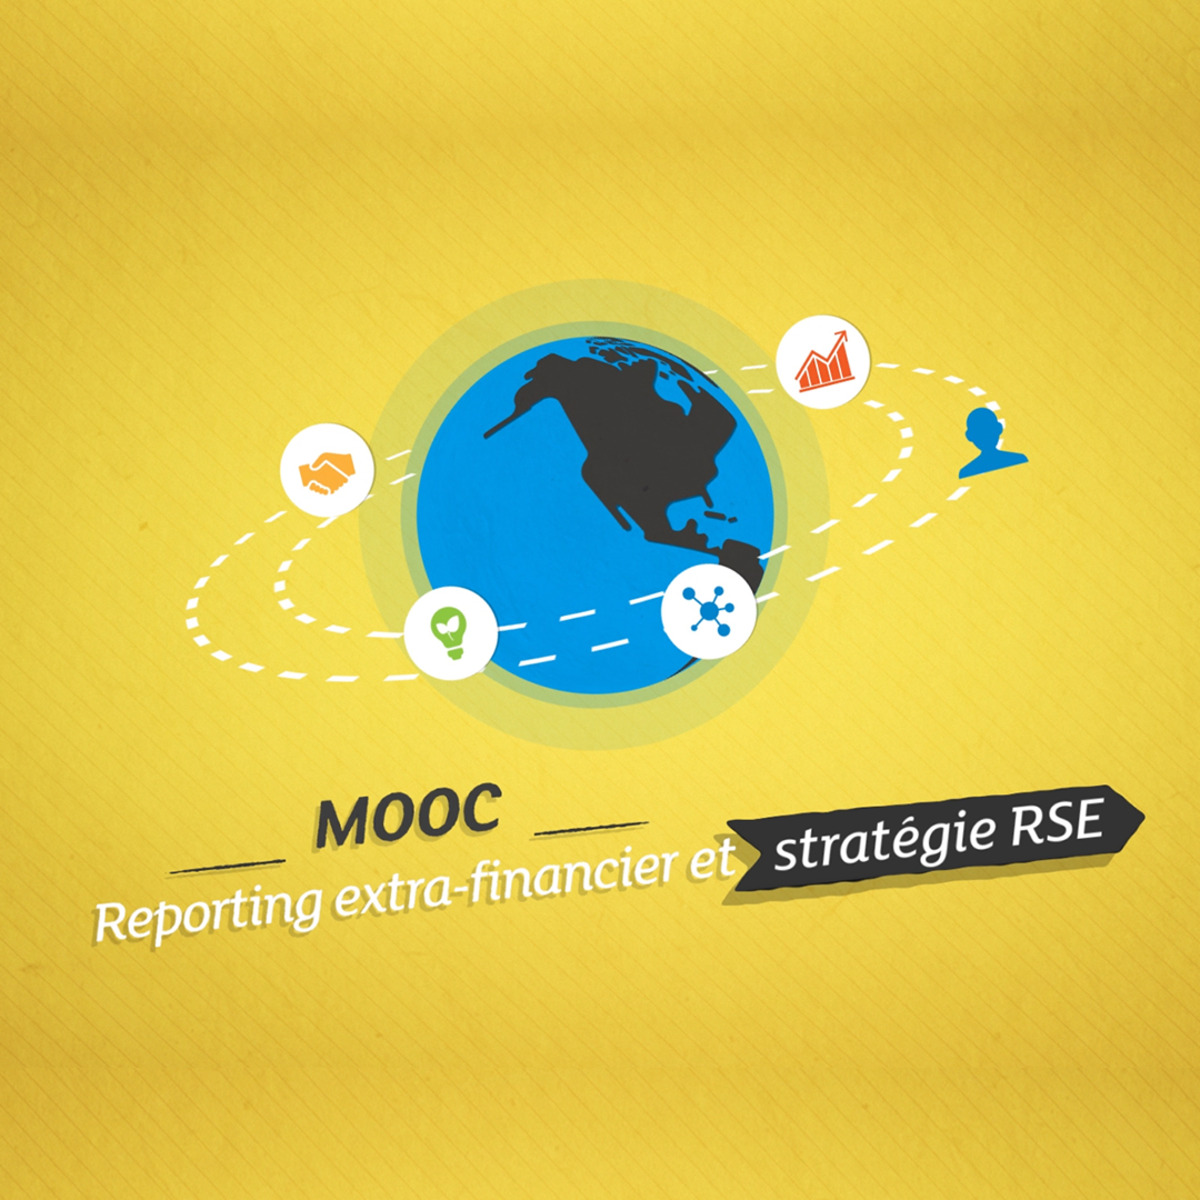 Reporting extra-financier et stratégie RSE course image